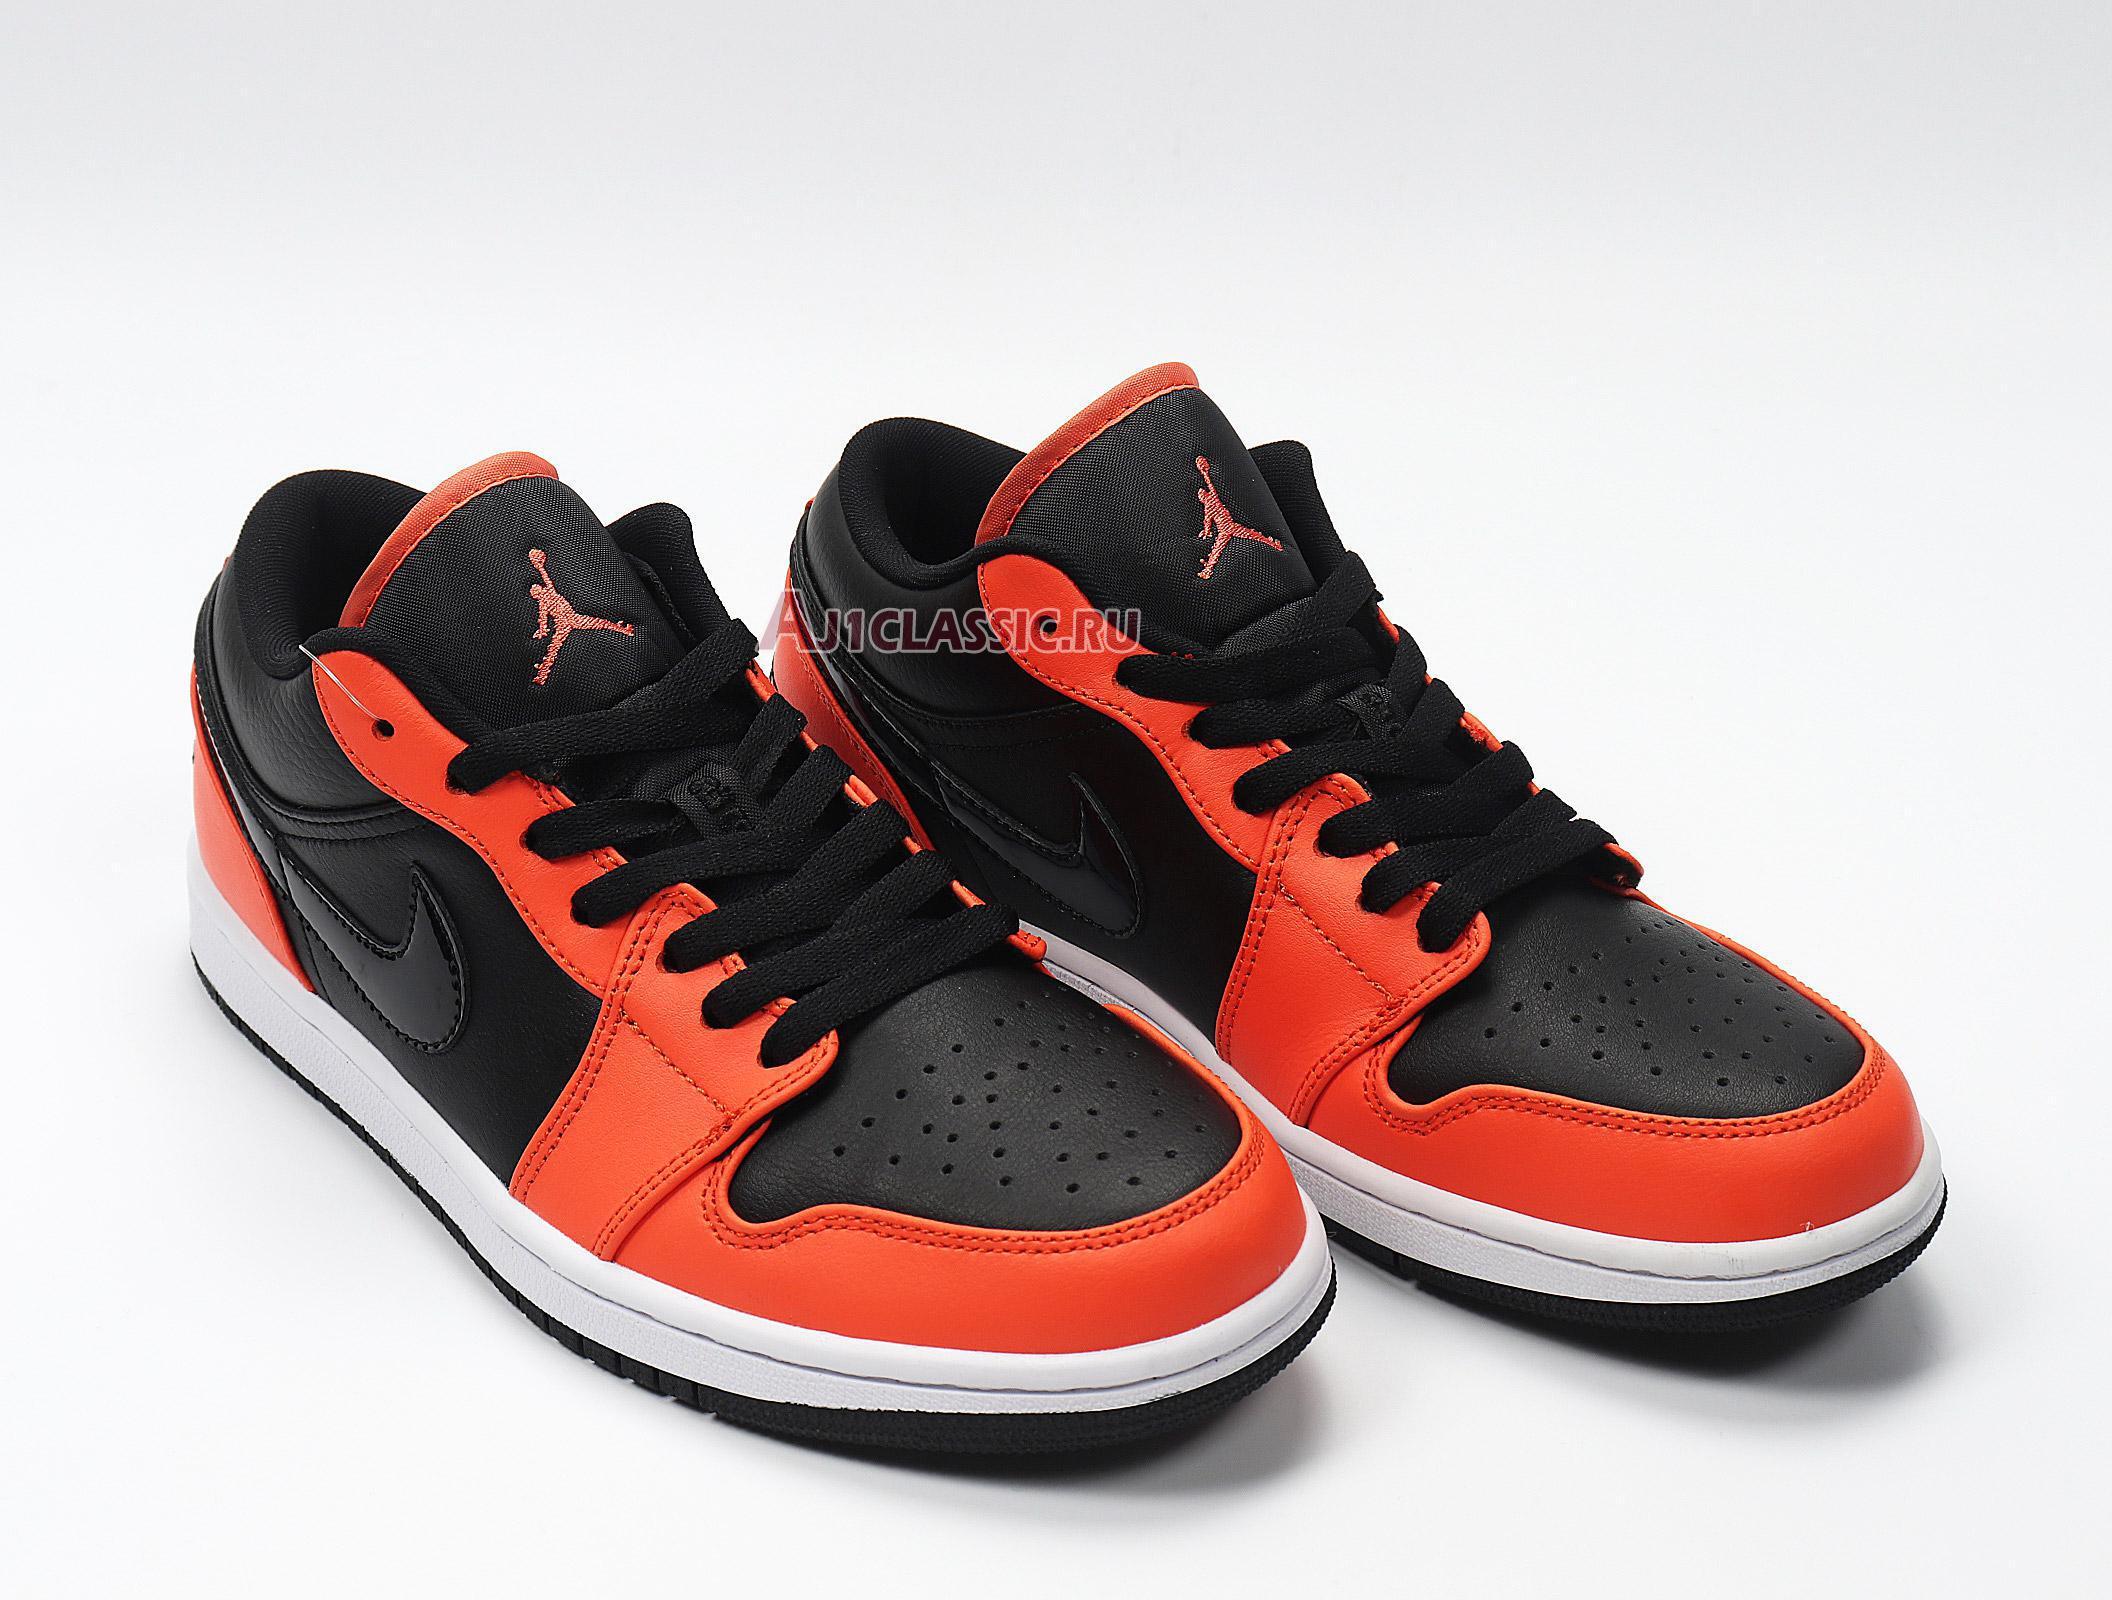 """Air Jordan 1 Low """"Black Orange Toe"""" CK3022-008"""